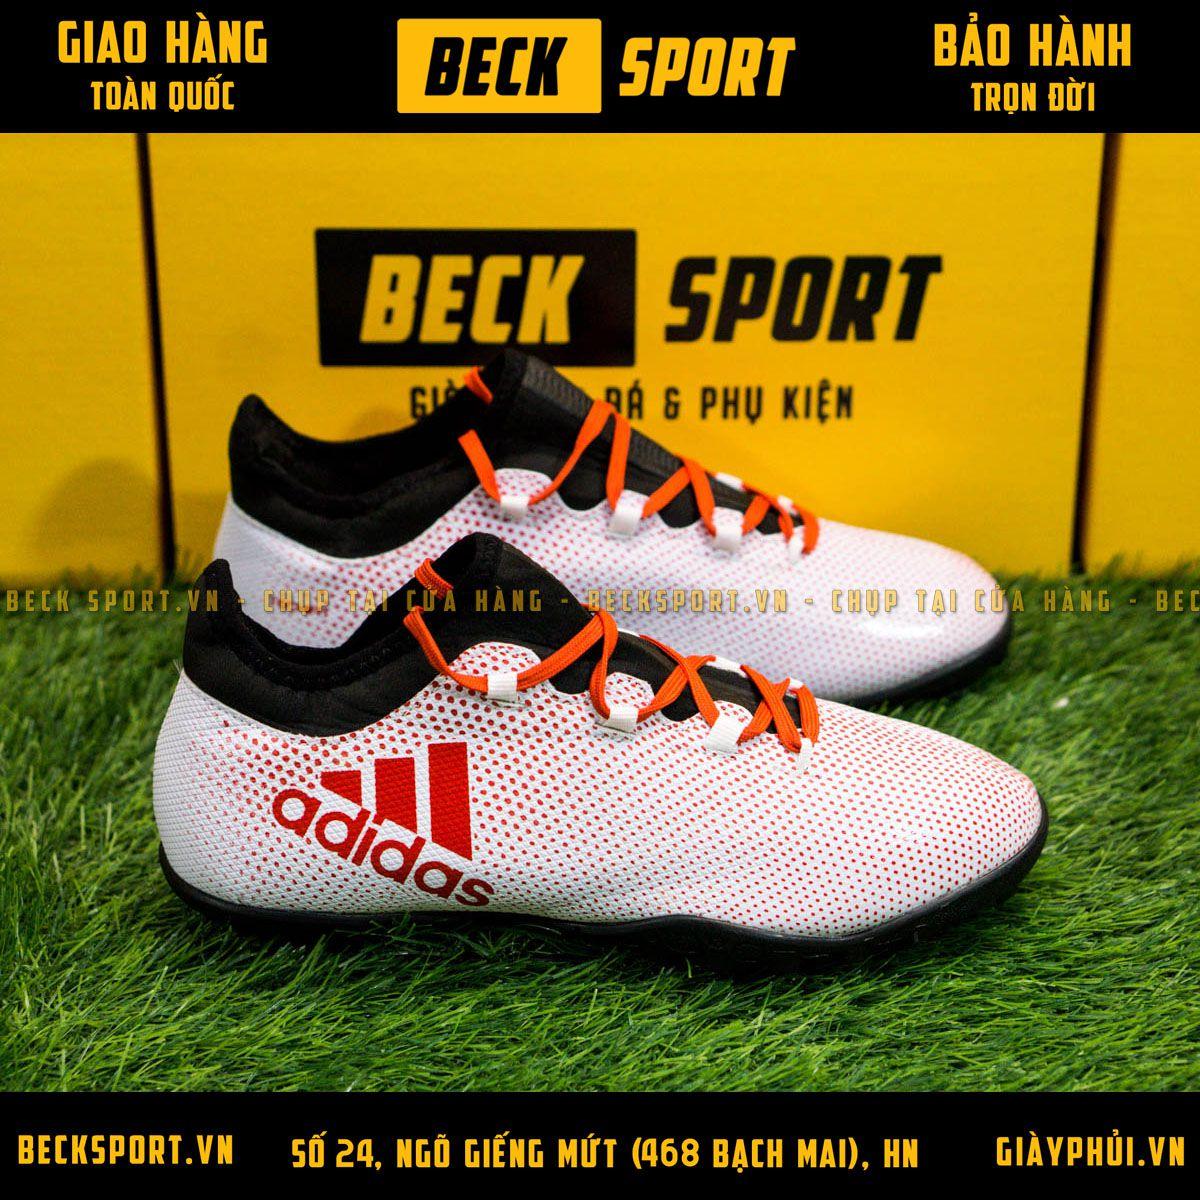 Giày Bóng Đá Adidas X 17.3 Trắng Chấm Bi Đỏ TF